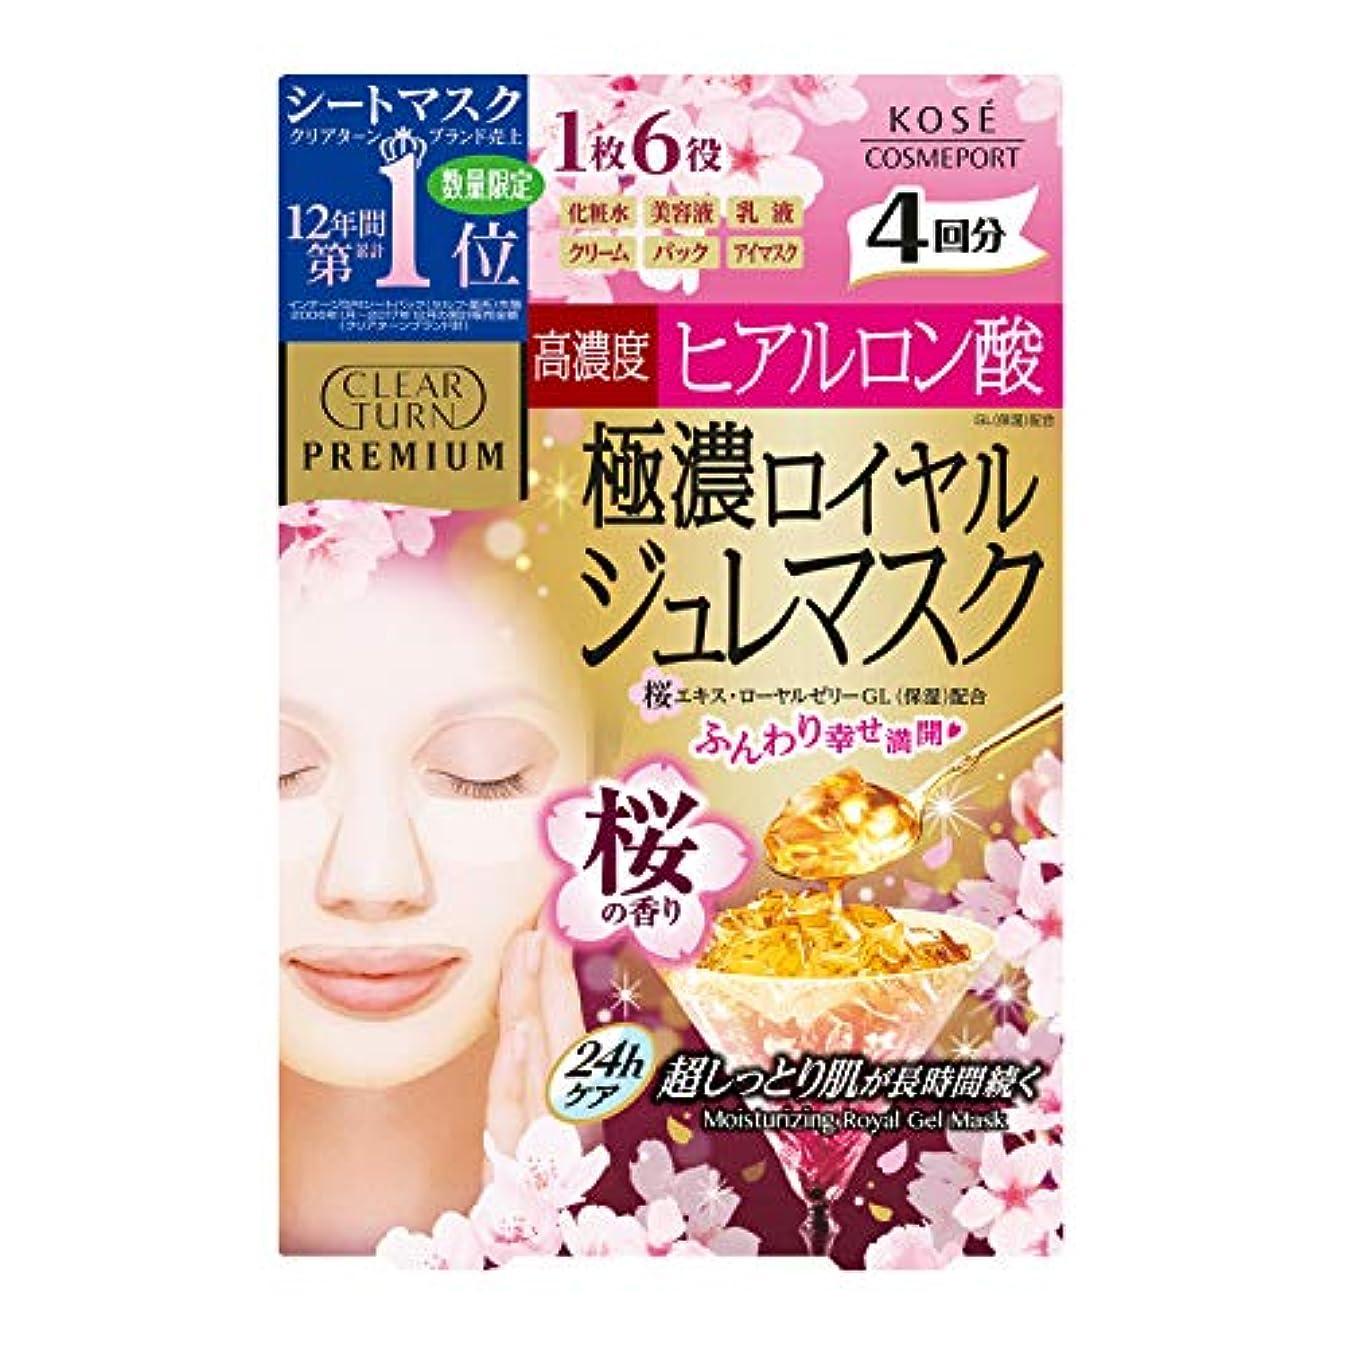 回想寝室を掃除する多様体KOSE クリアターン プレミアムロイヤルジュレマスク(ヒアルロン酸)4回 桜の香り